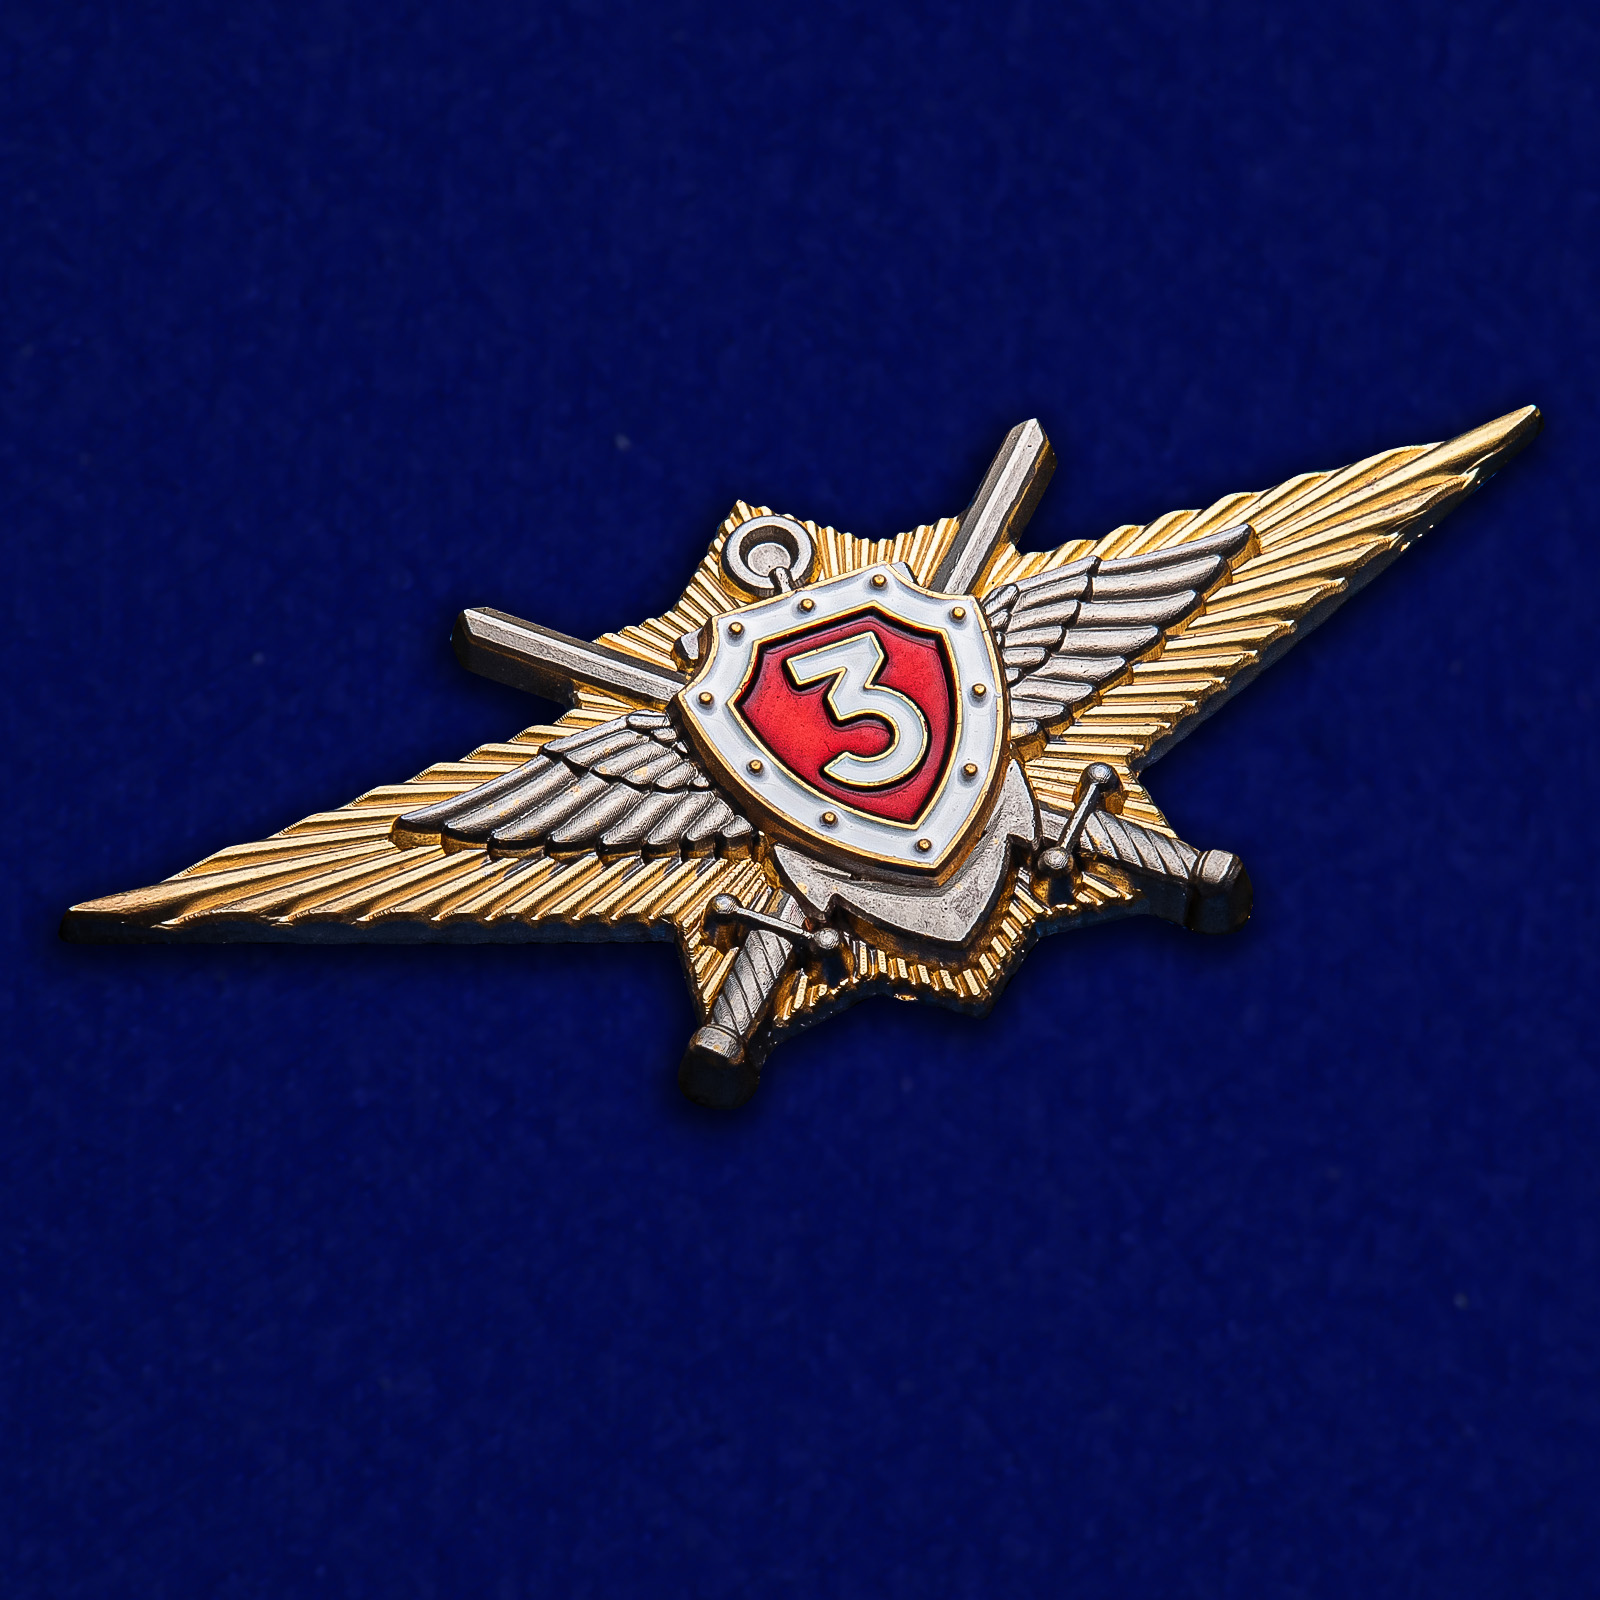 Памятный знак Росгвардии Классная квалификация (специалист 3-го класса) - общий вид